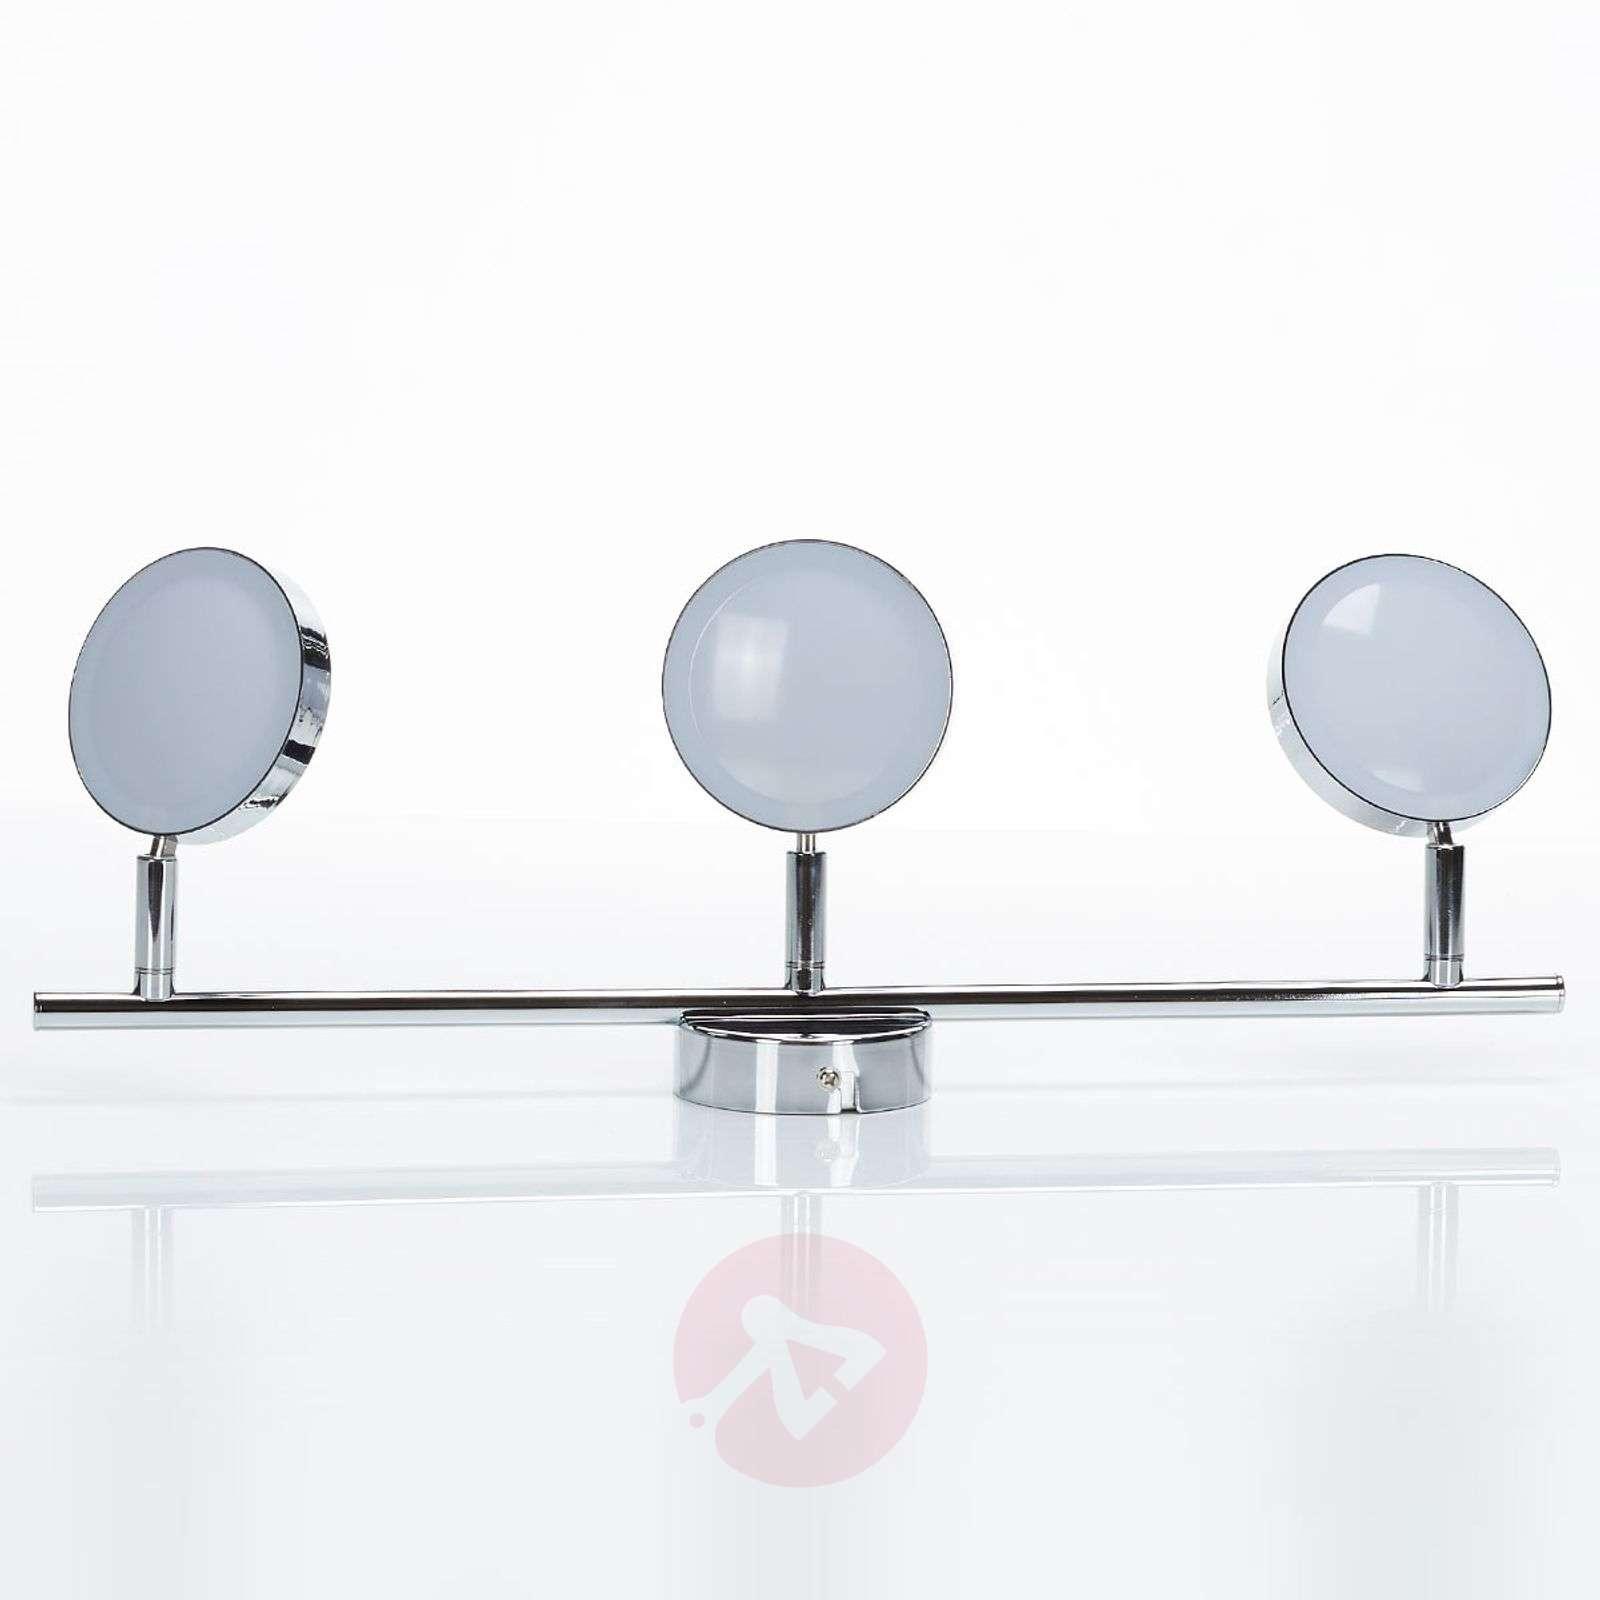 LED-kattokohdevalo Keylan, 3-lamppuinen, pitkä